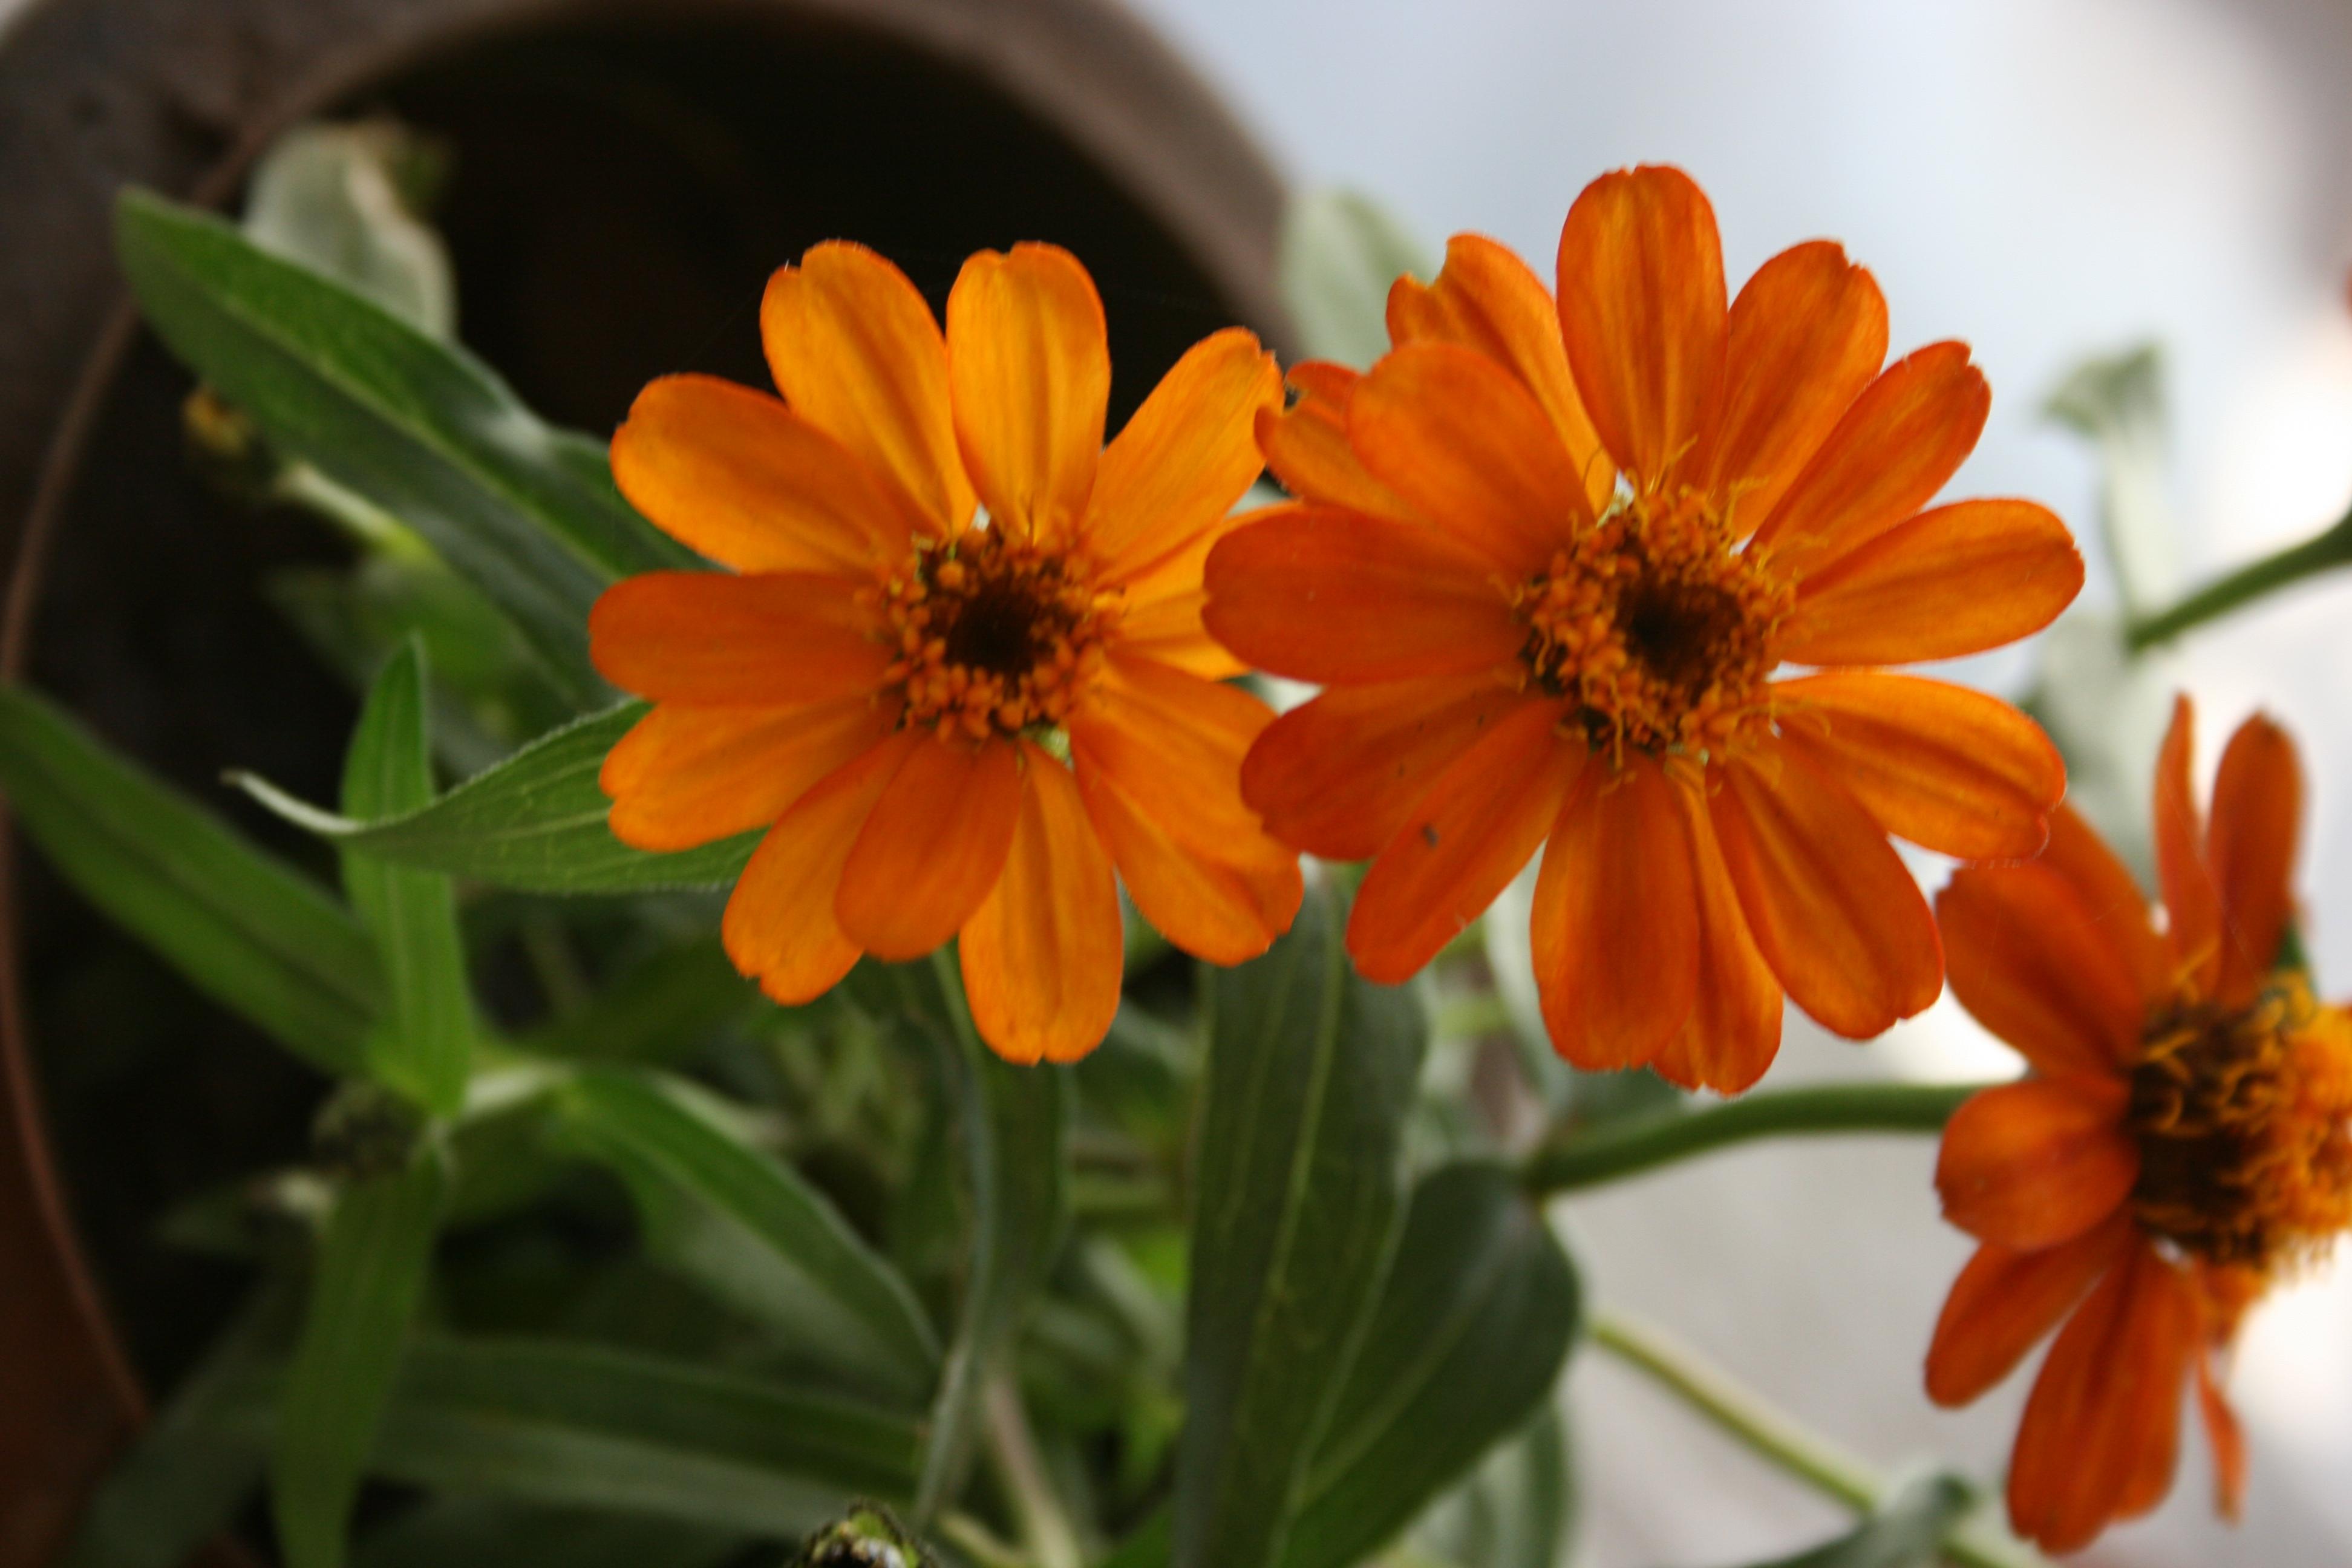 Flowers in Balcony